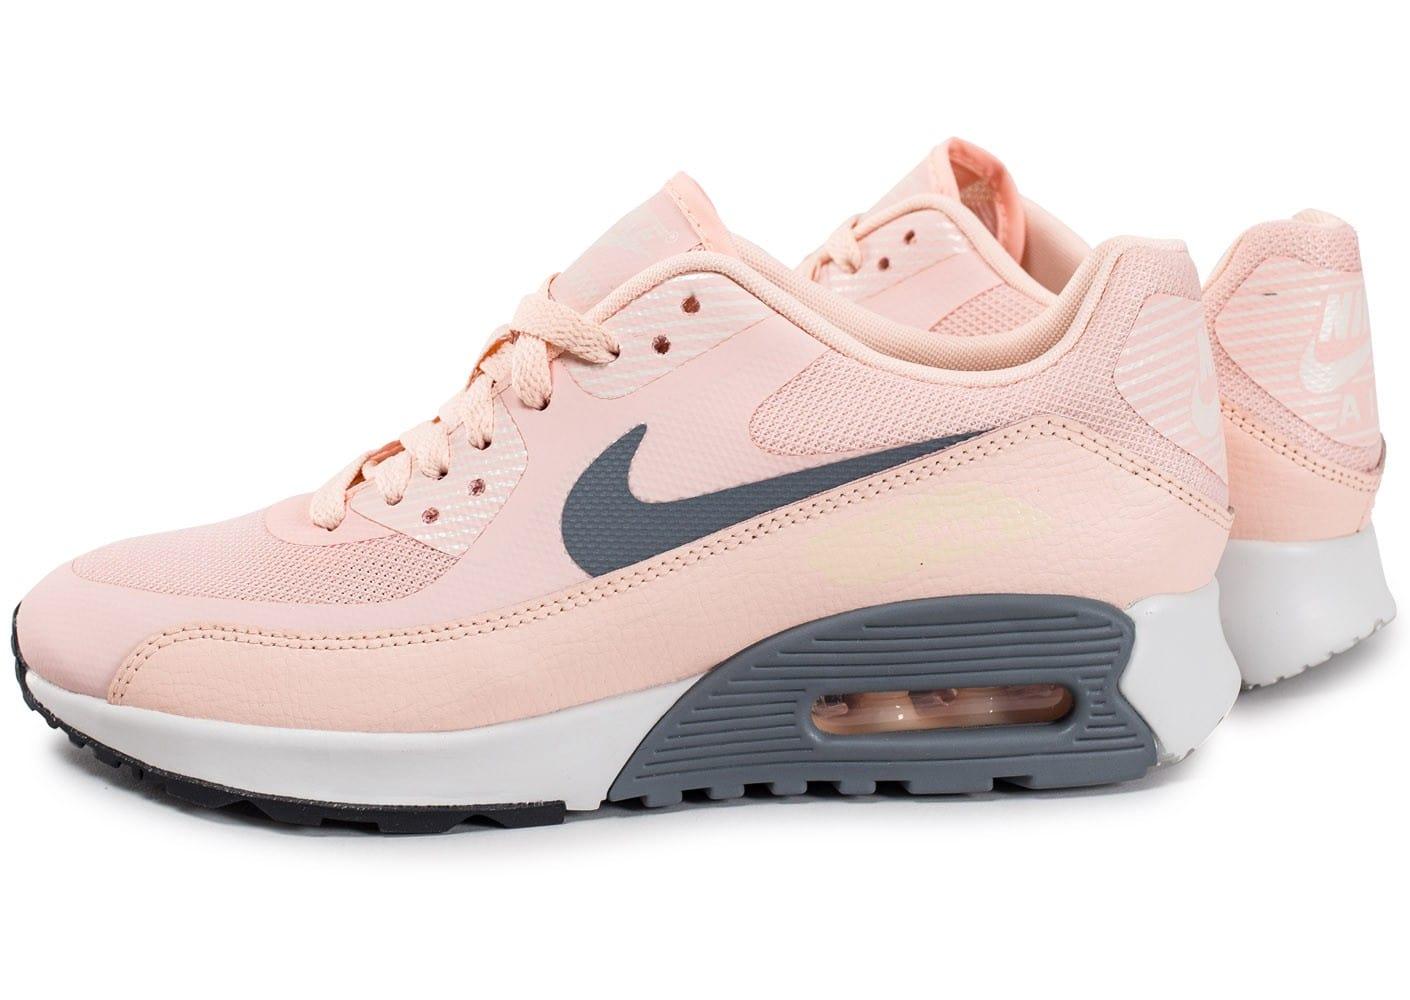 detailed look d0dea c7441 Officiel Remise Nike Air Max 90 Femme Chaussures De Fitness  Thomasboutique OIO185421971  chaussure air max femme bleu,femme air max 90  essential bleu,nike ...